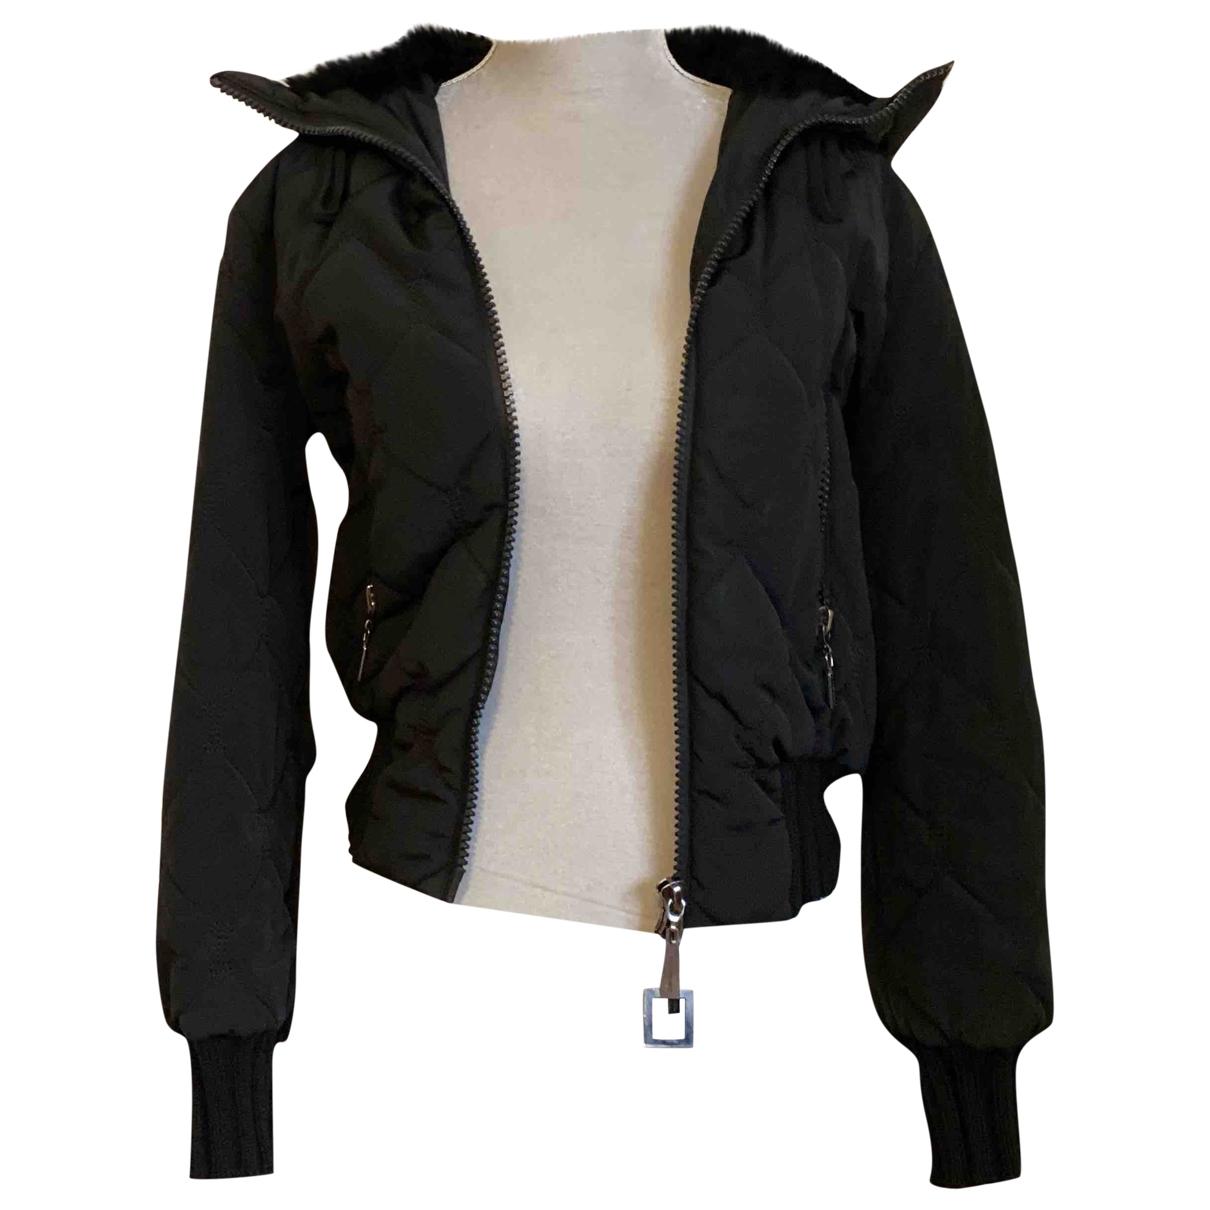 Iceberg \N Black coat for Women 38 IT